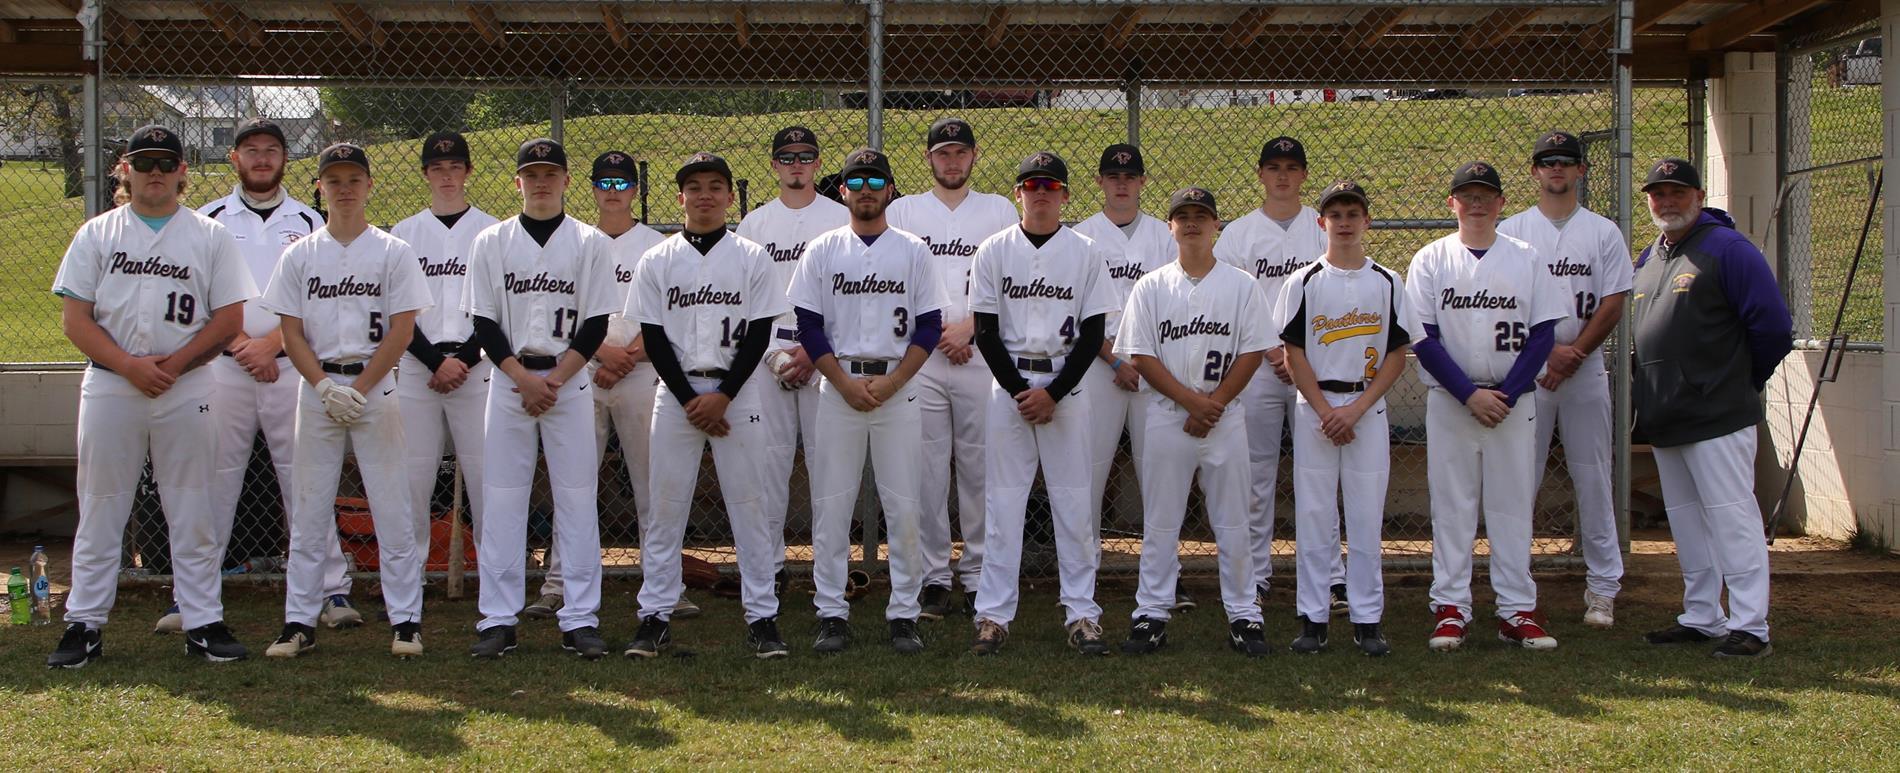 DSHS Baseball team 2021